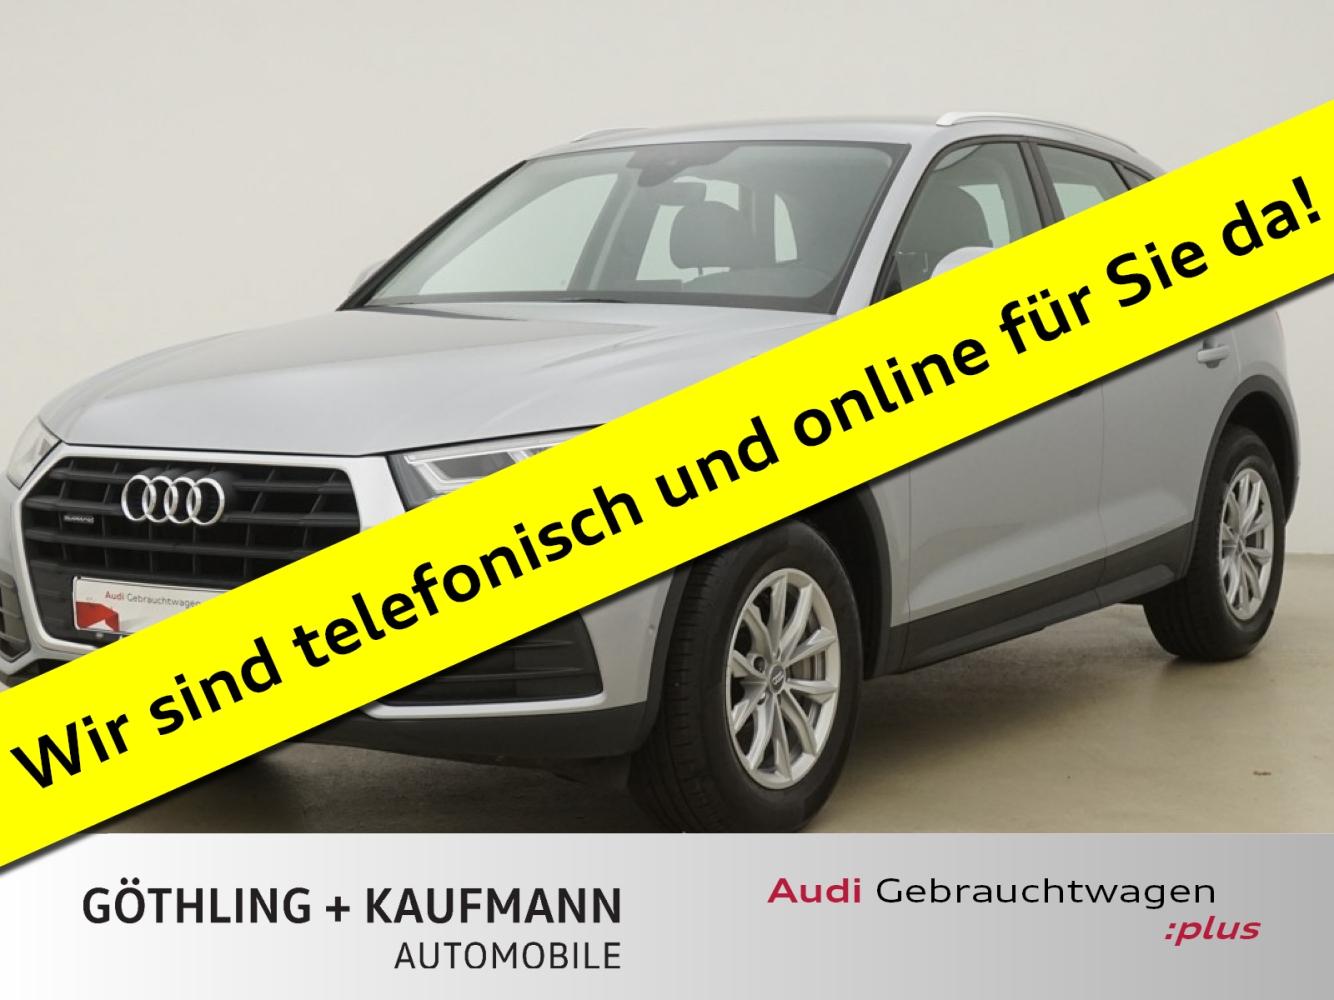 Audi Q5 2.0 TDI qu S tro. 140kW*Standh.*Leder*Matrix*, Jahr 2017, Diesel